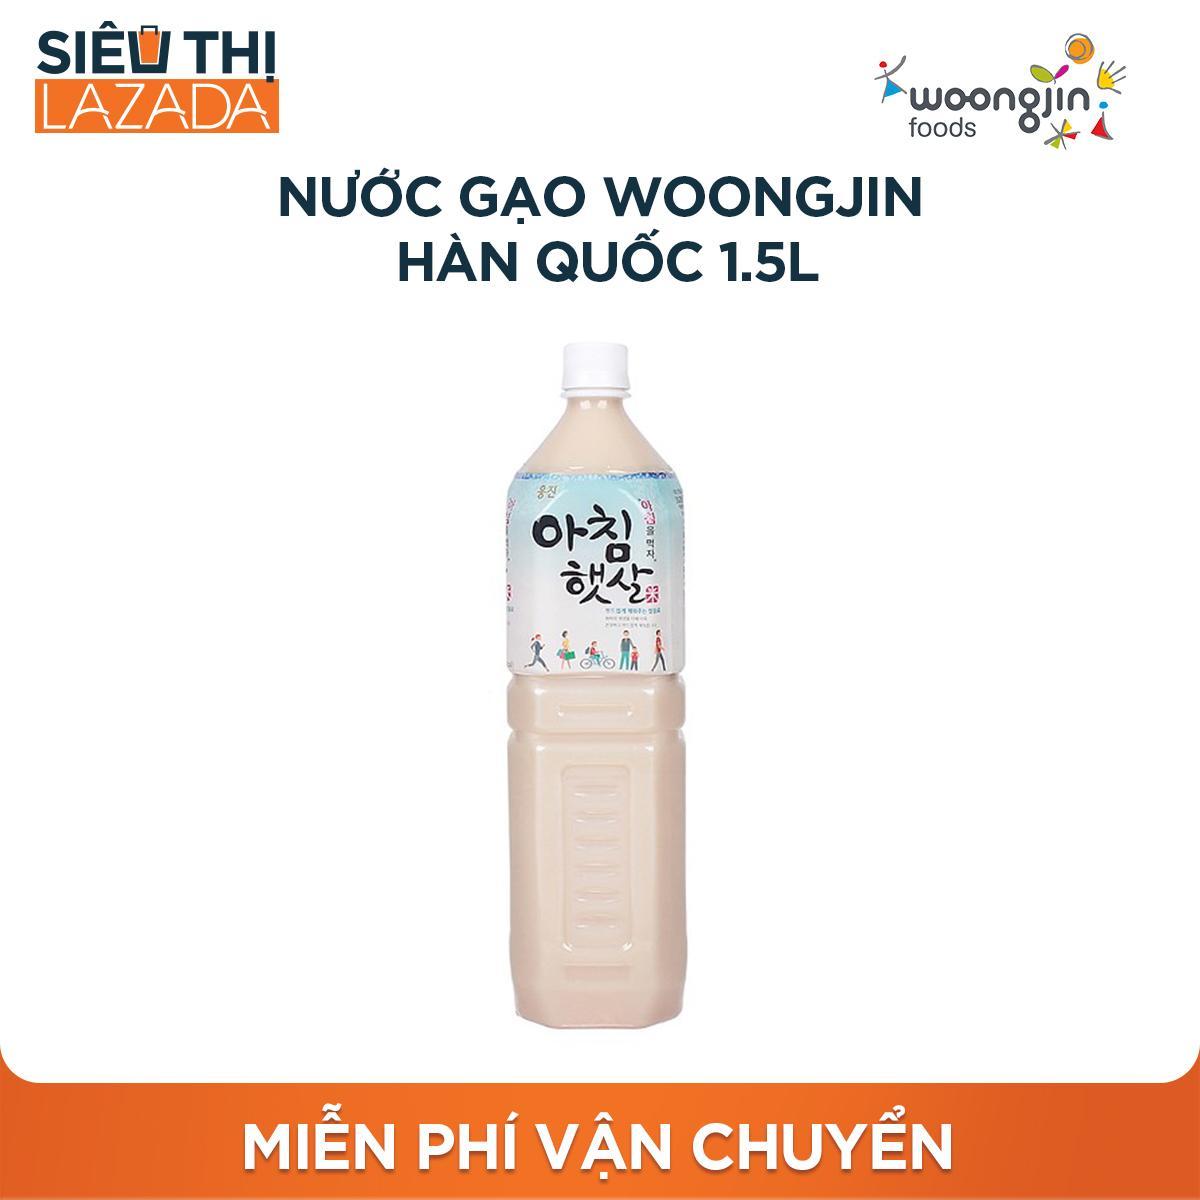 Nước gạo Woongjin Hàn Quốc 1.5L